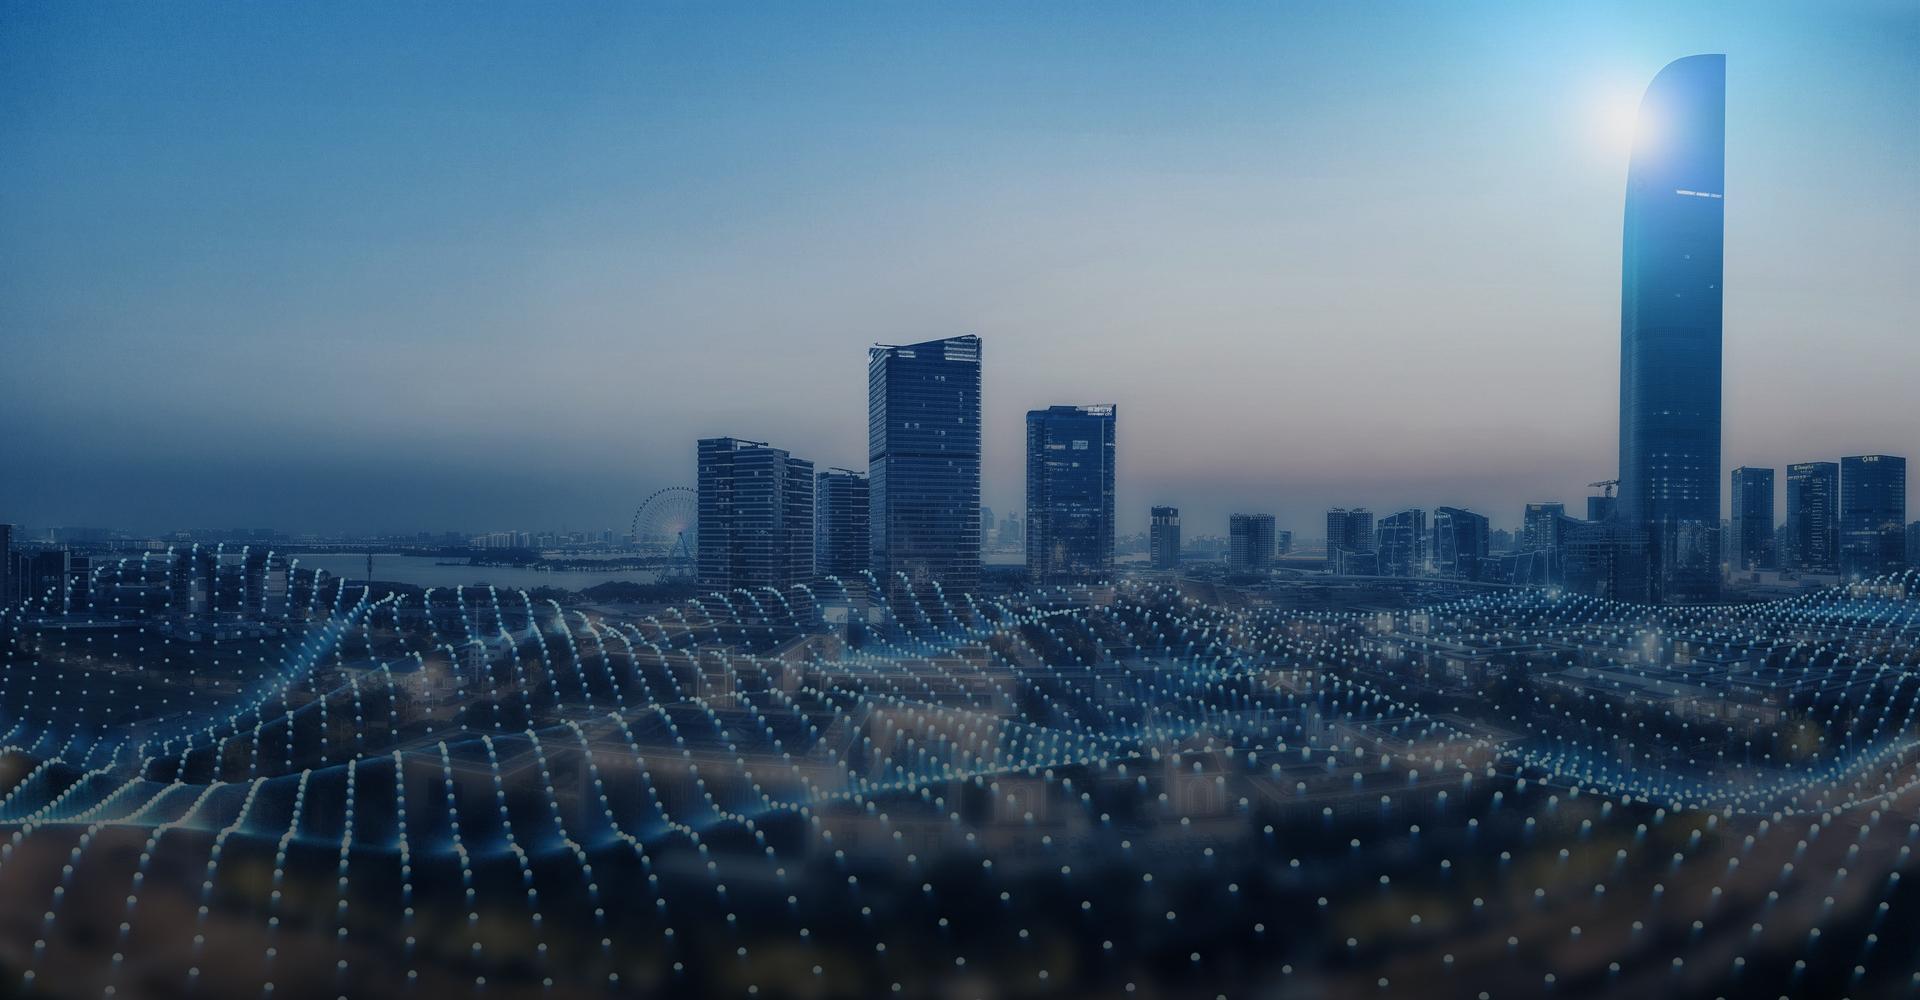 城市家具物联网 智联未来城市